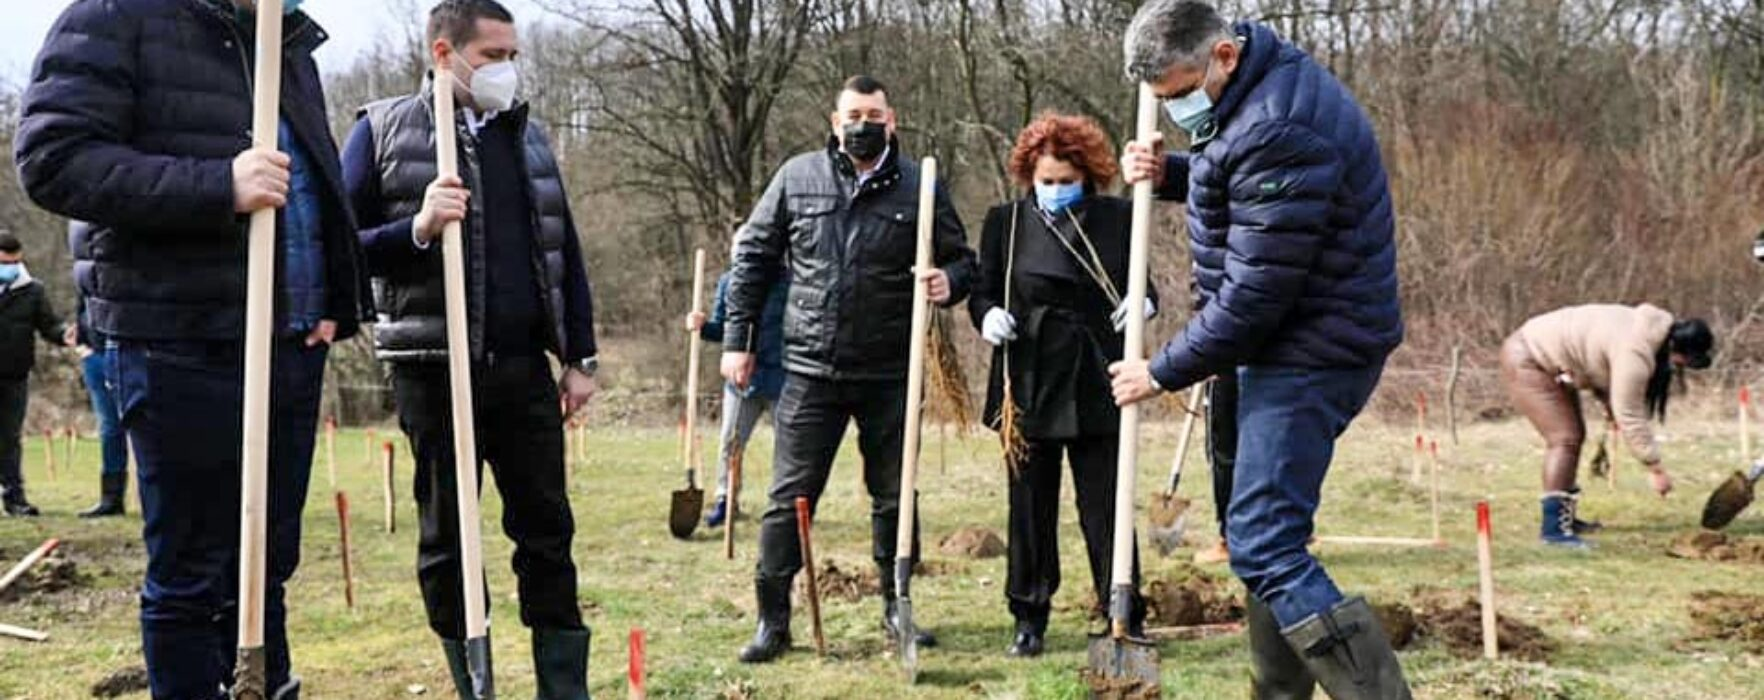 Marcel Ciolacu a plantat copaci în Dâmboviţa, de Ziua Internaţională a Pădurii